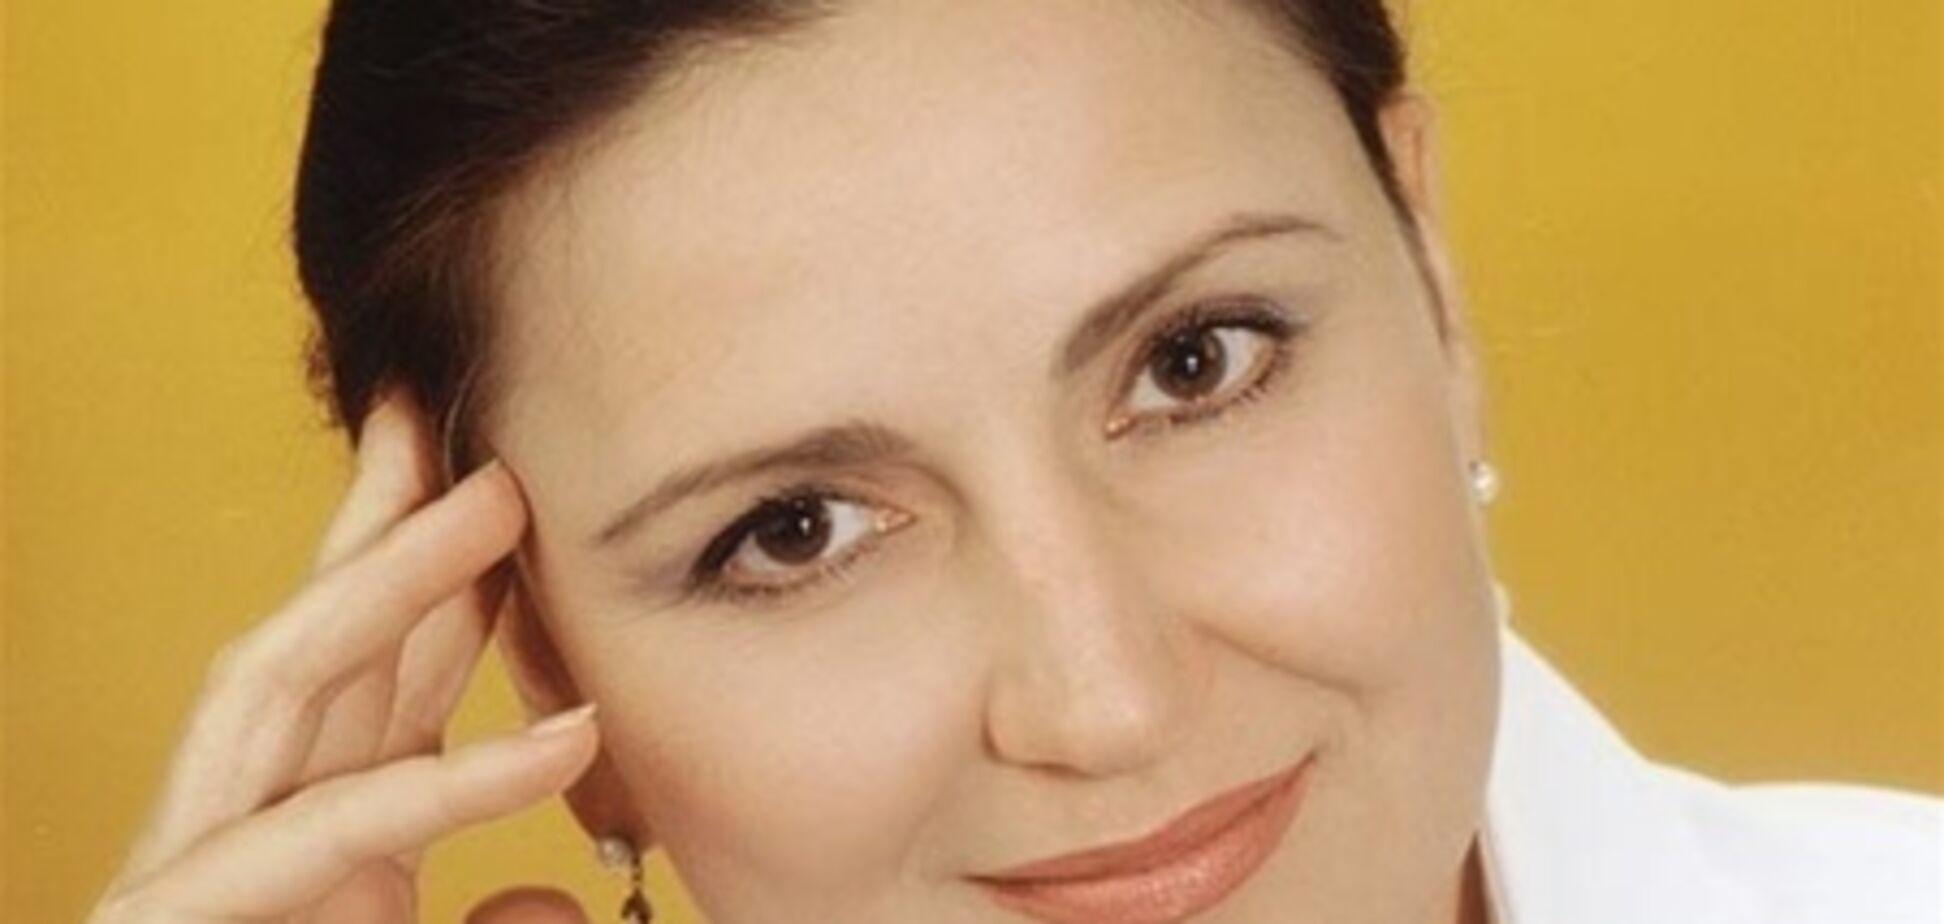 Богословская: вина Тимошенко доказана практически безусловно